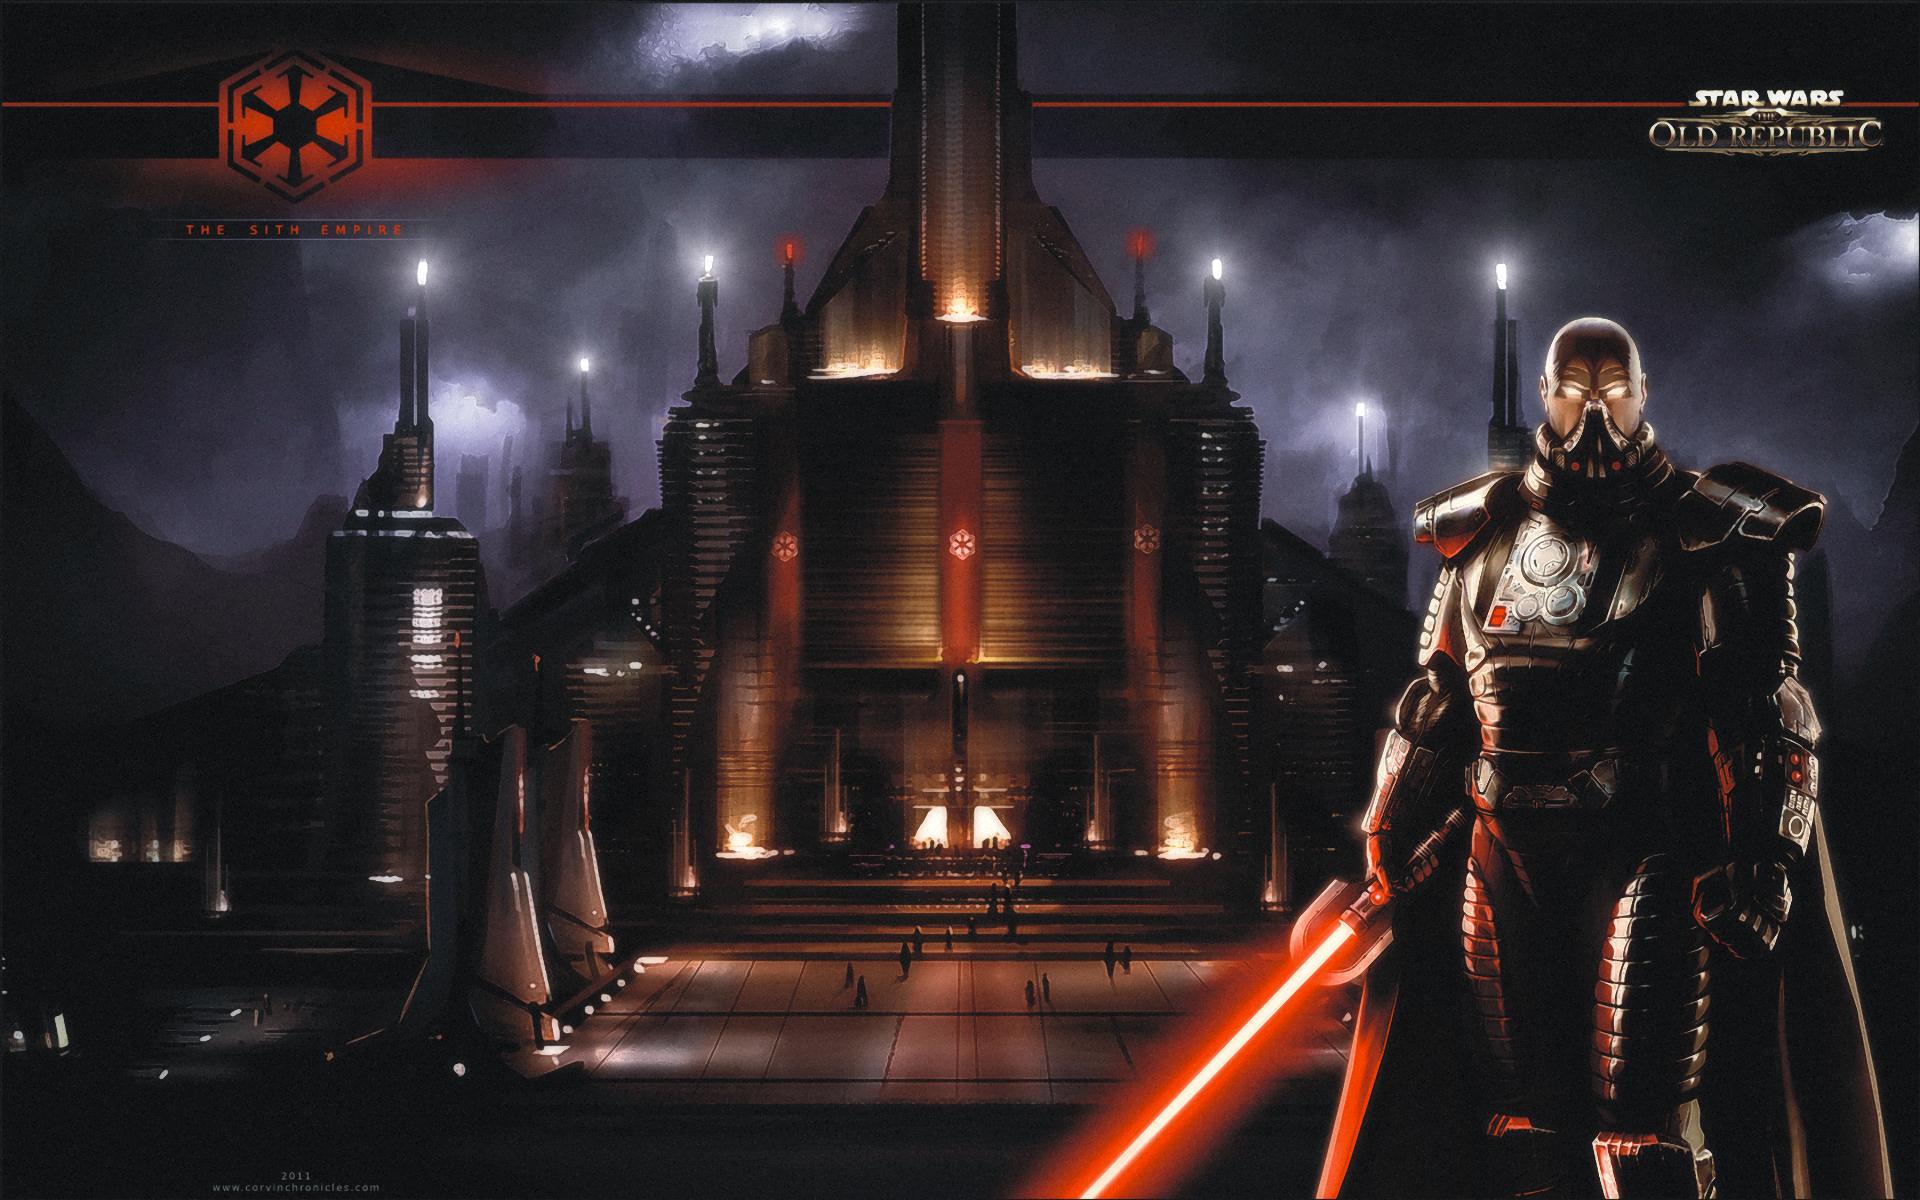 The Sith Empire 1920 X 1200